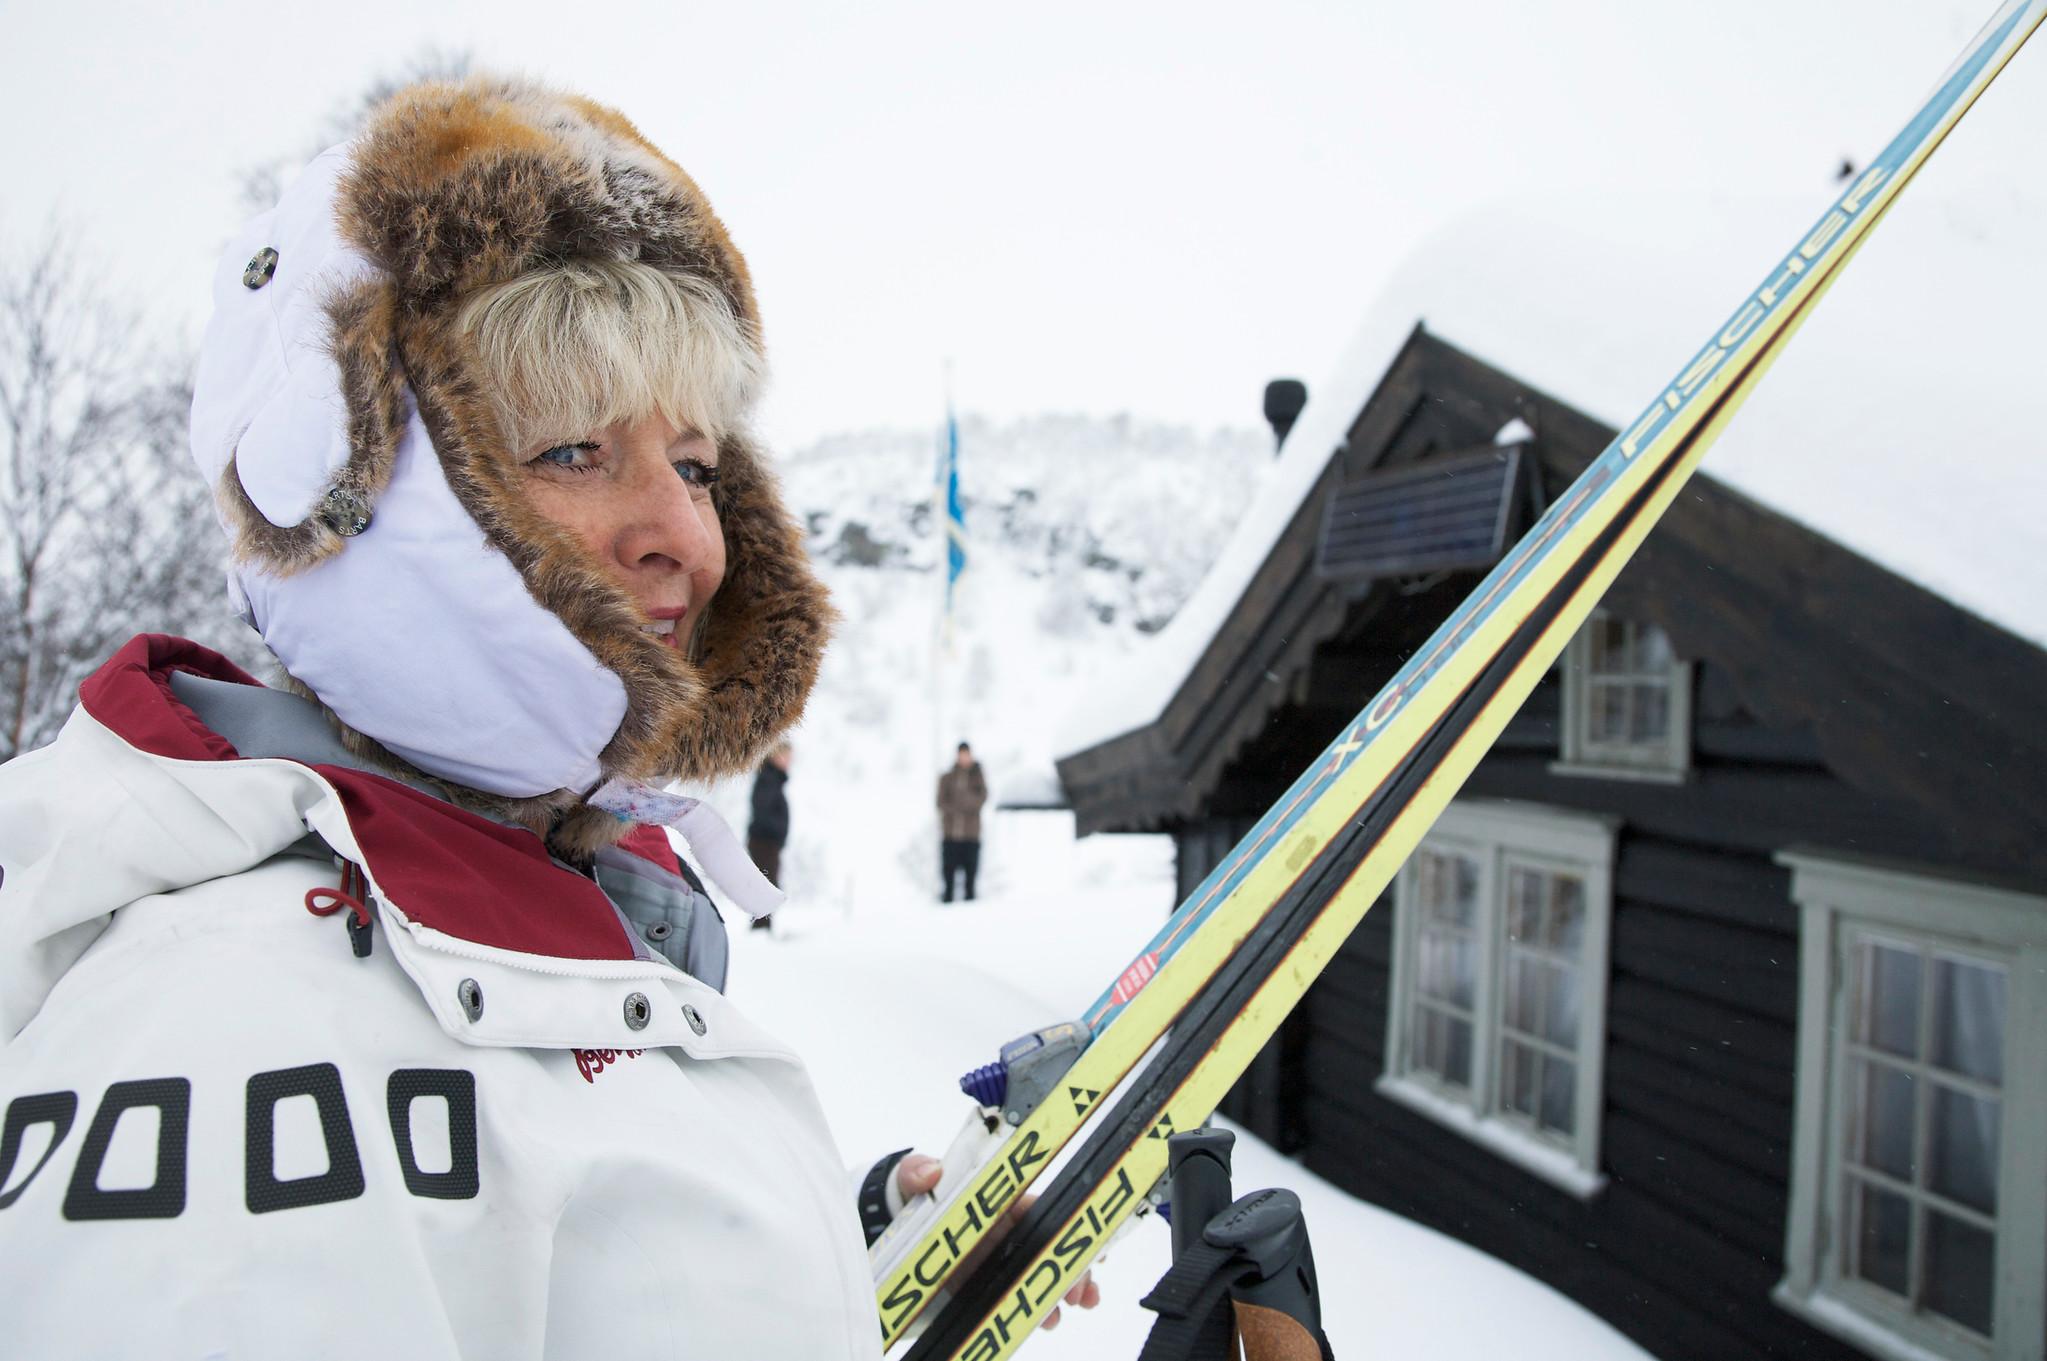 Dame med ski utanføre hytte